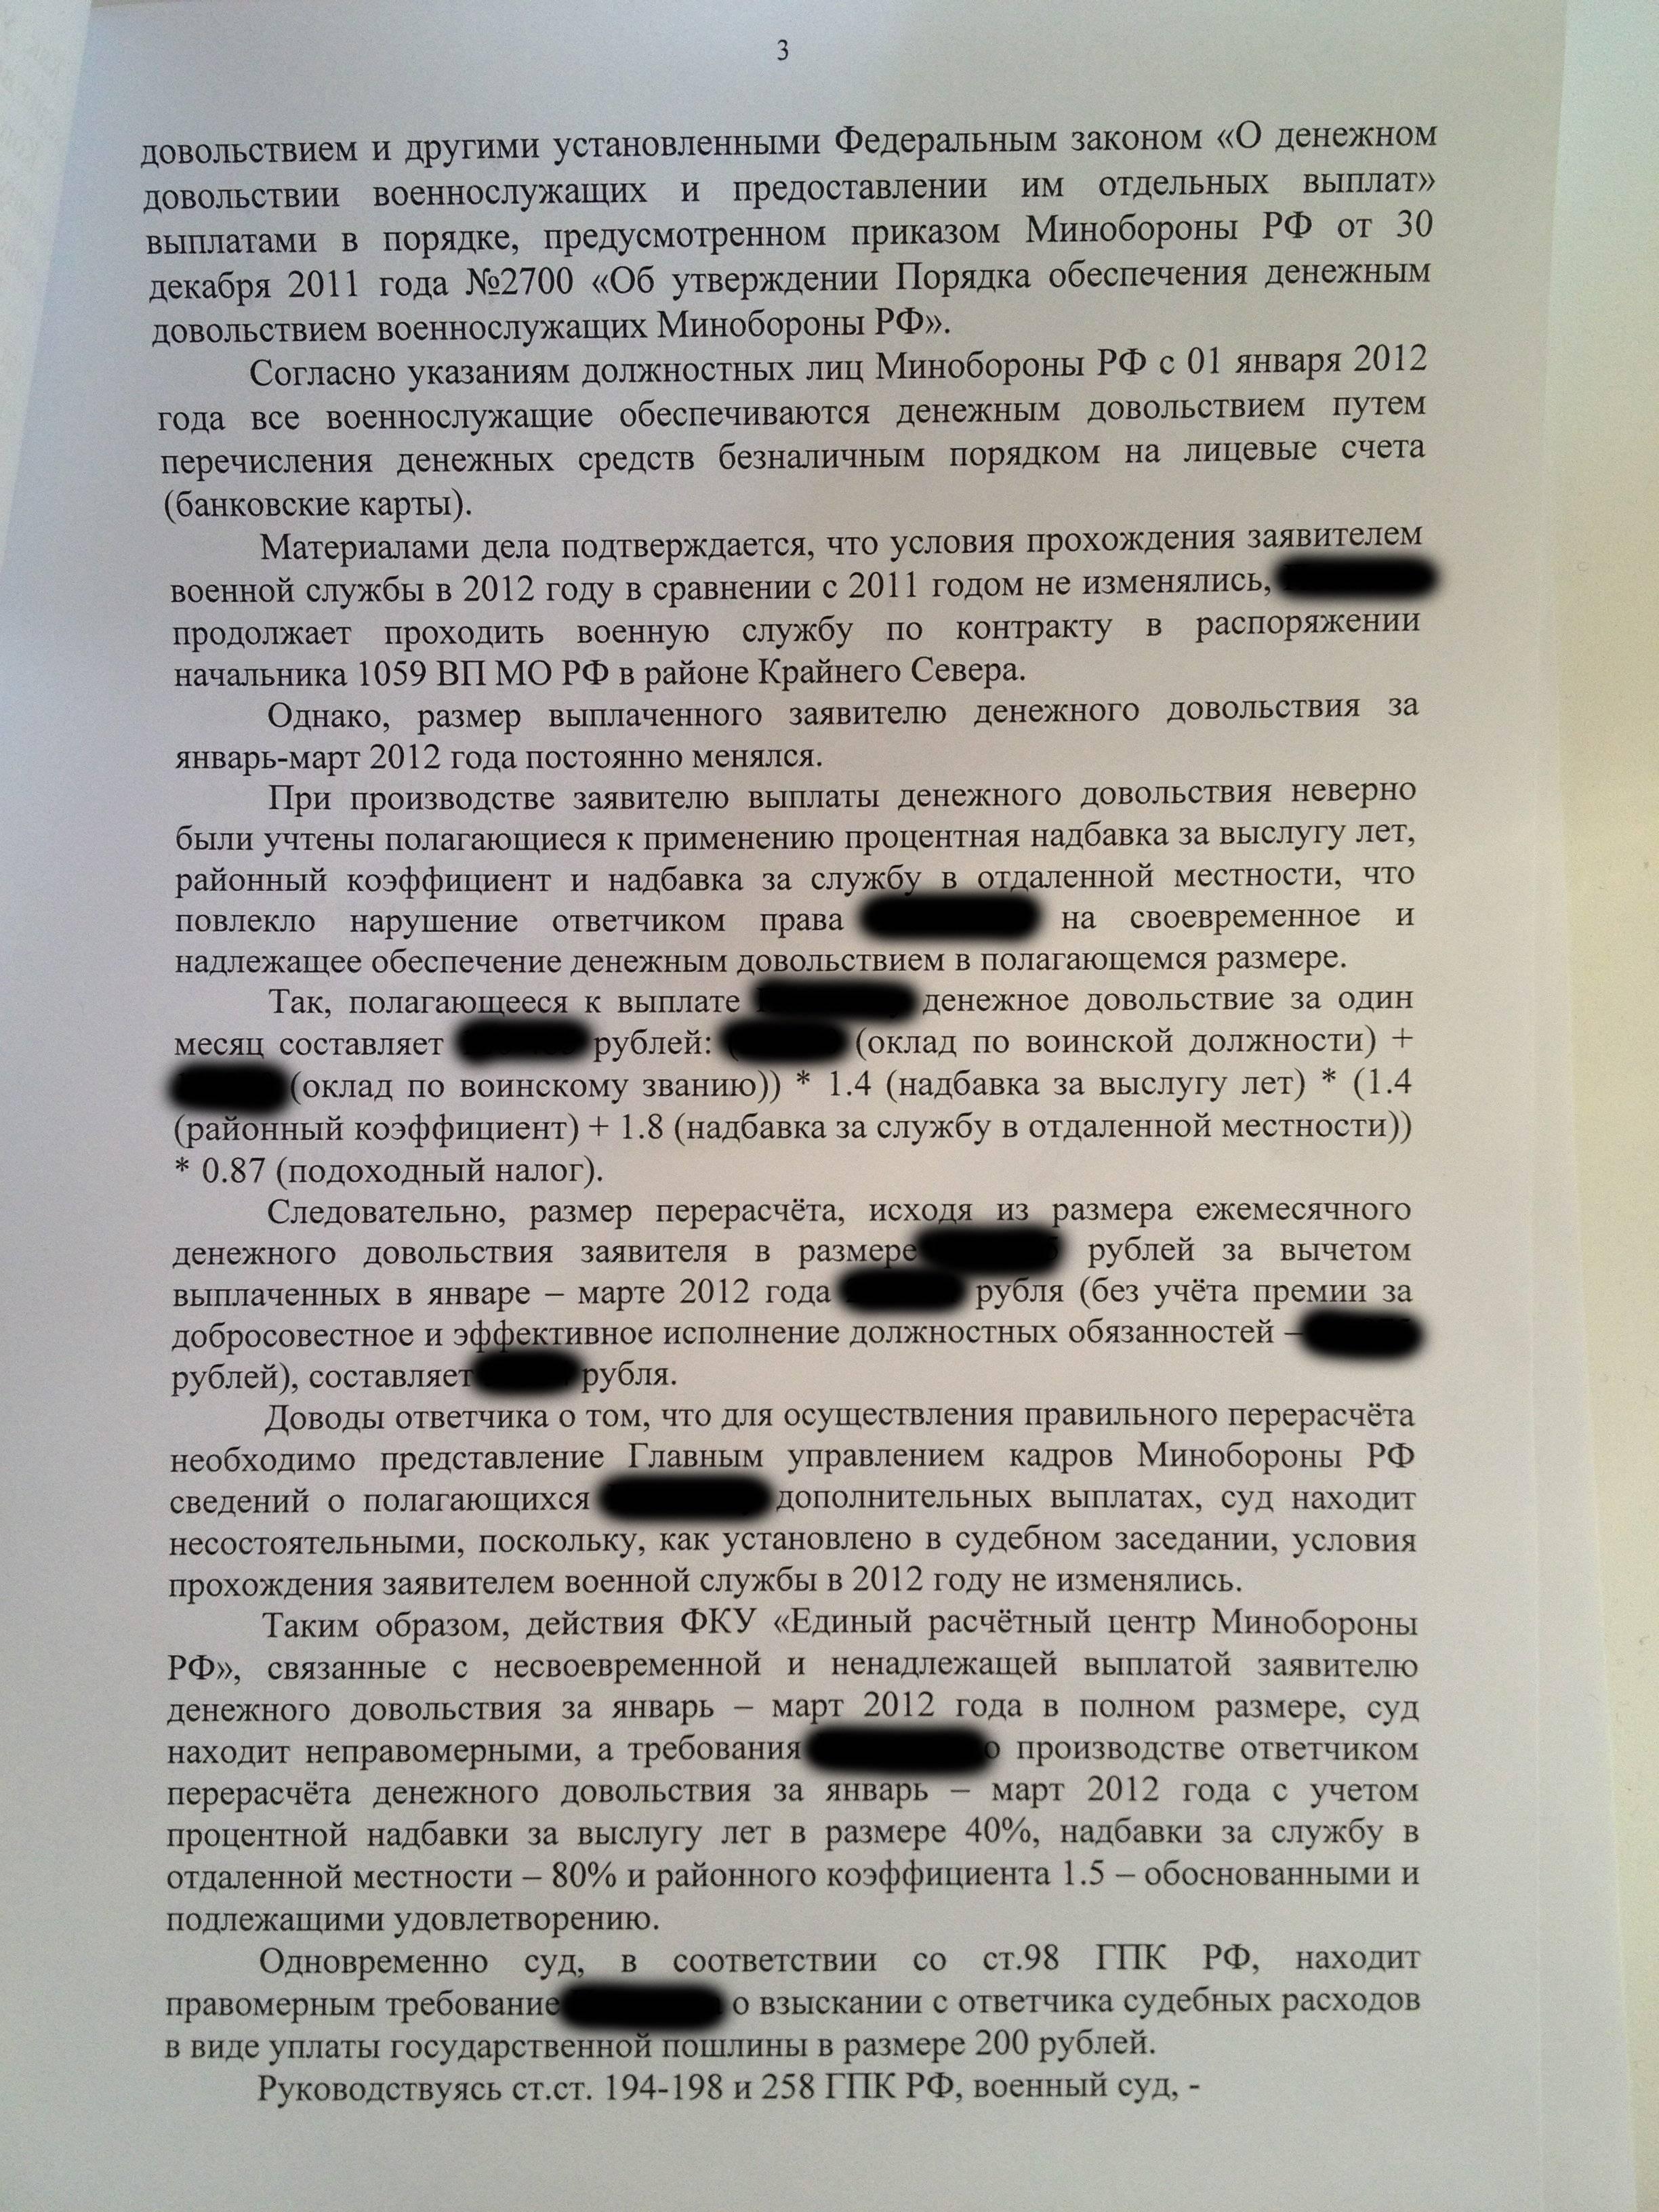 Как писать рапорт на перерасчет ДД военнослужащего